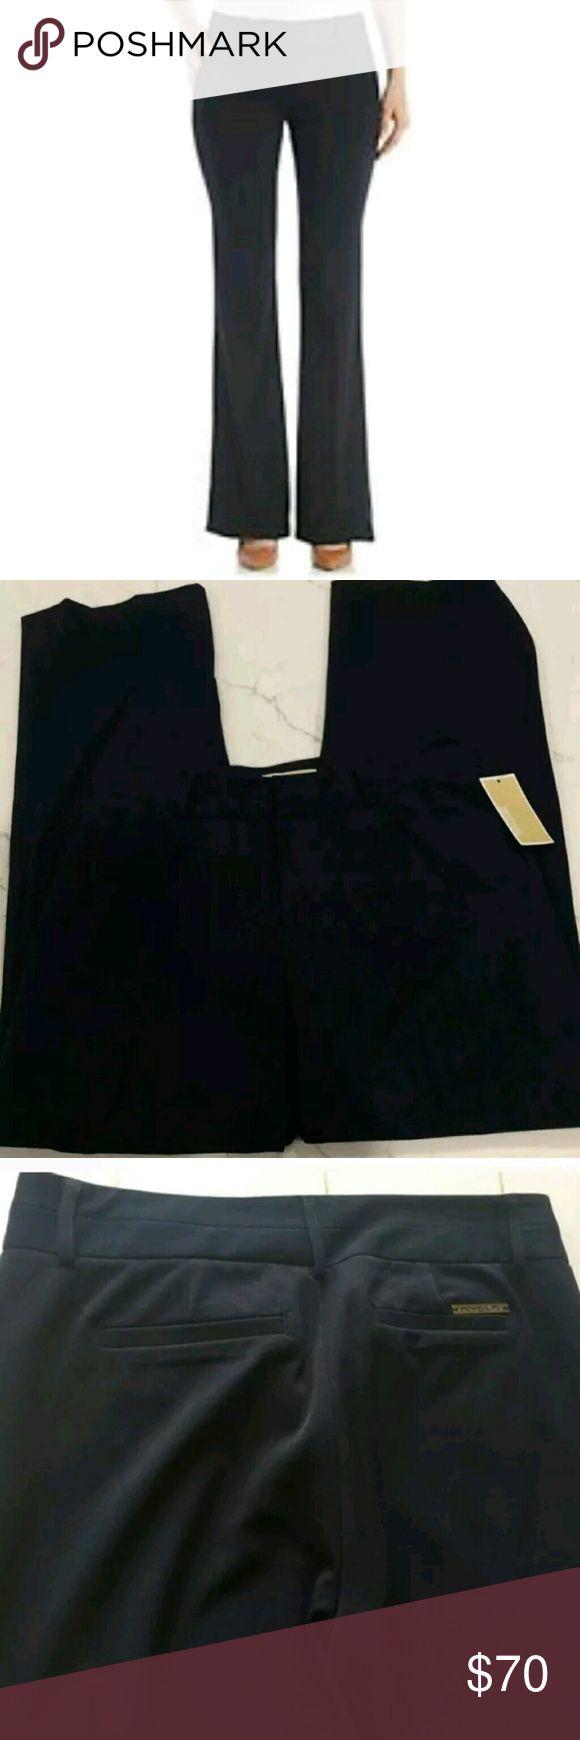 Michael Kors Womens Navy Blue Derby Dress Pants Michael Kors women's navy blue Derby dress pants Michael Kors Pants Trousers